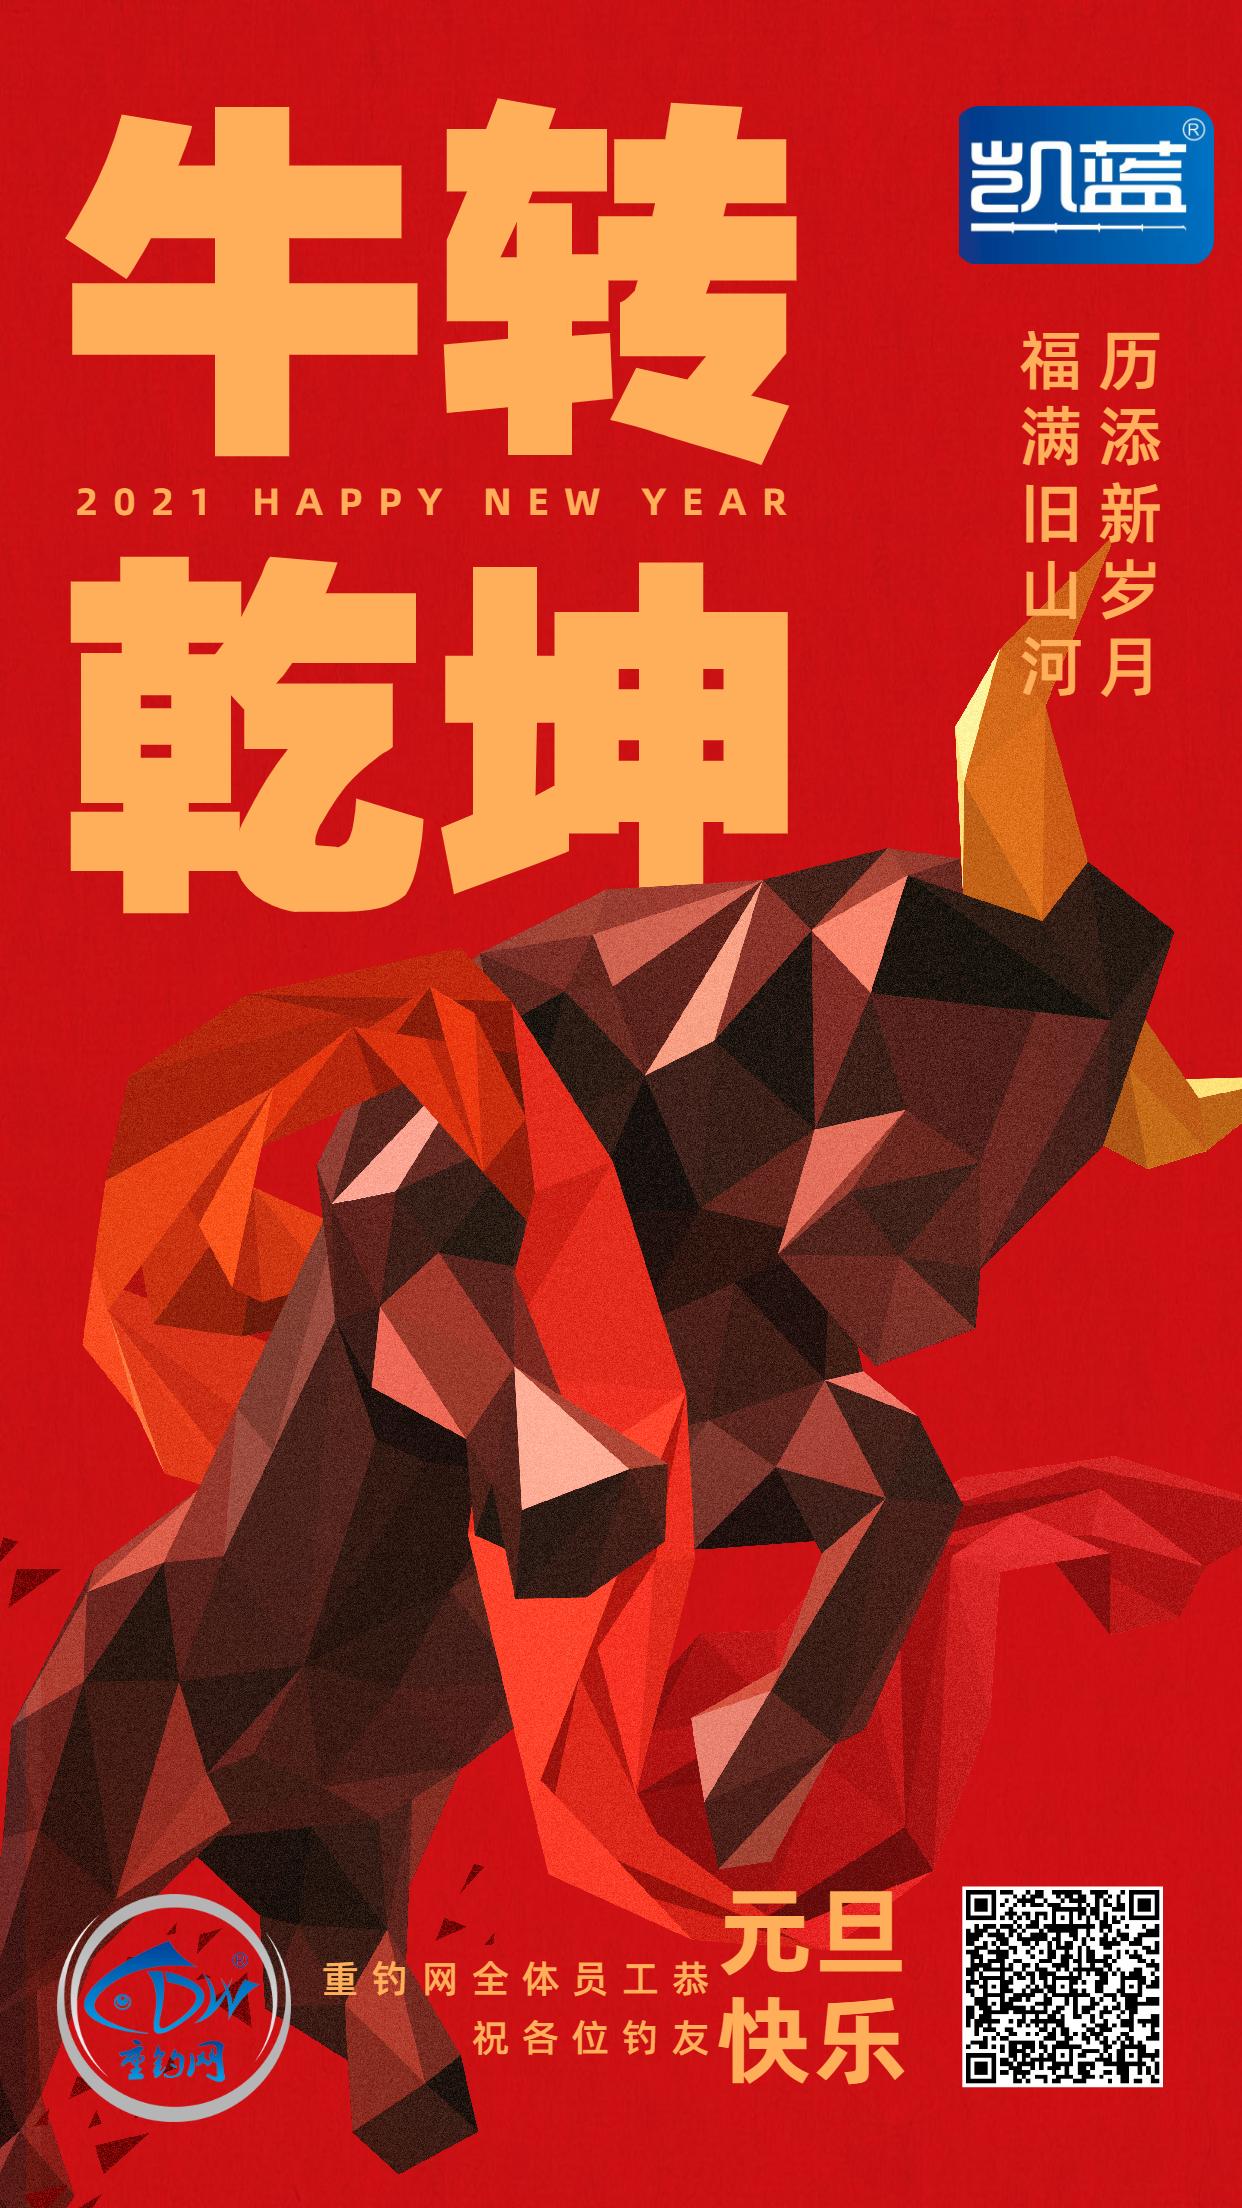 2021元旦新年牛年祝福手机海报.jpg